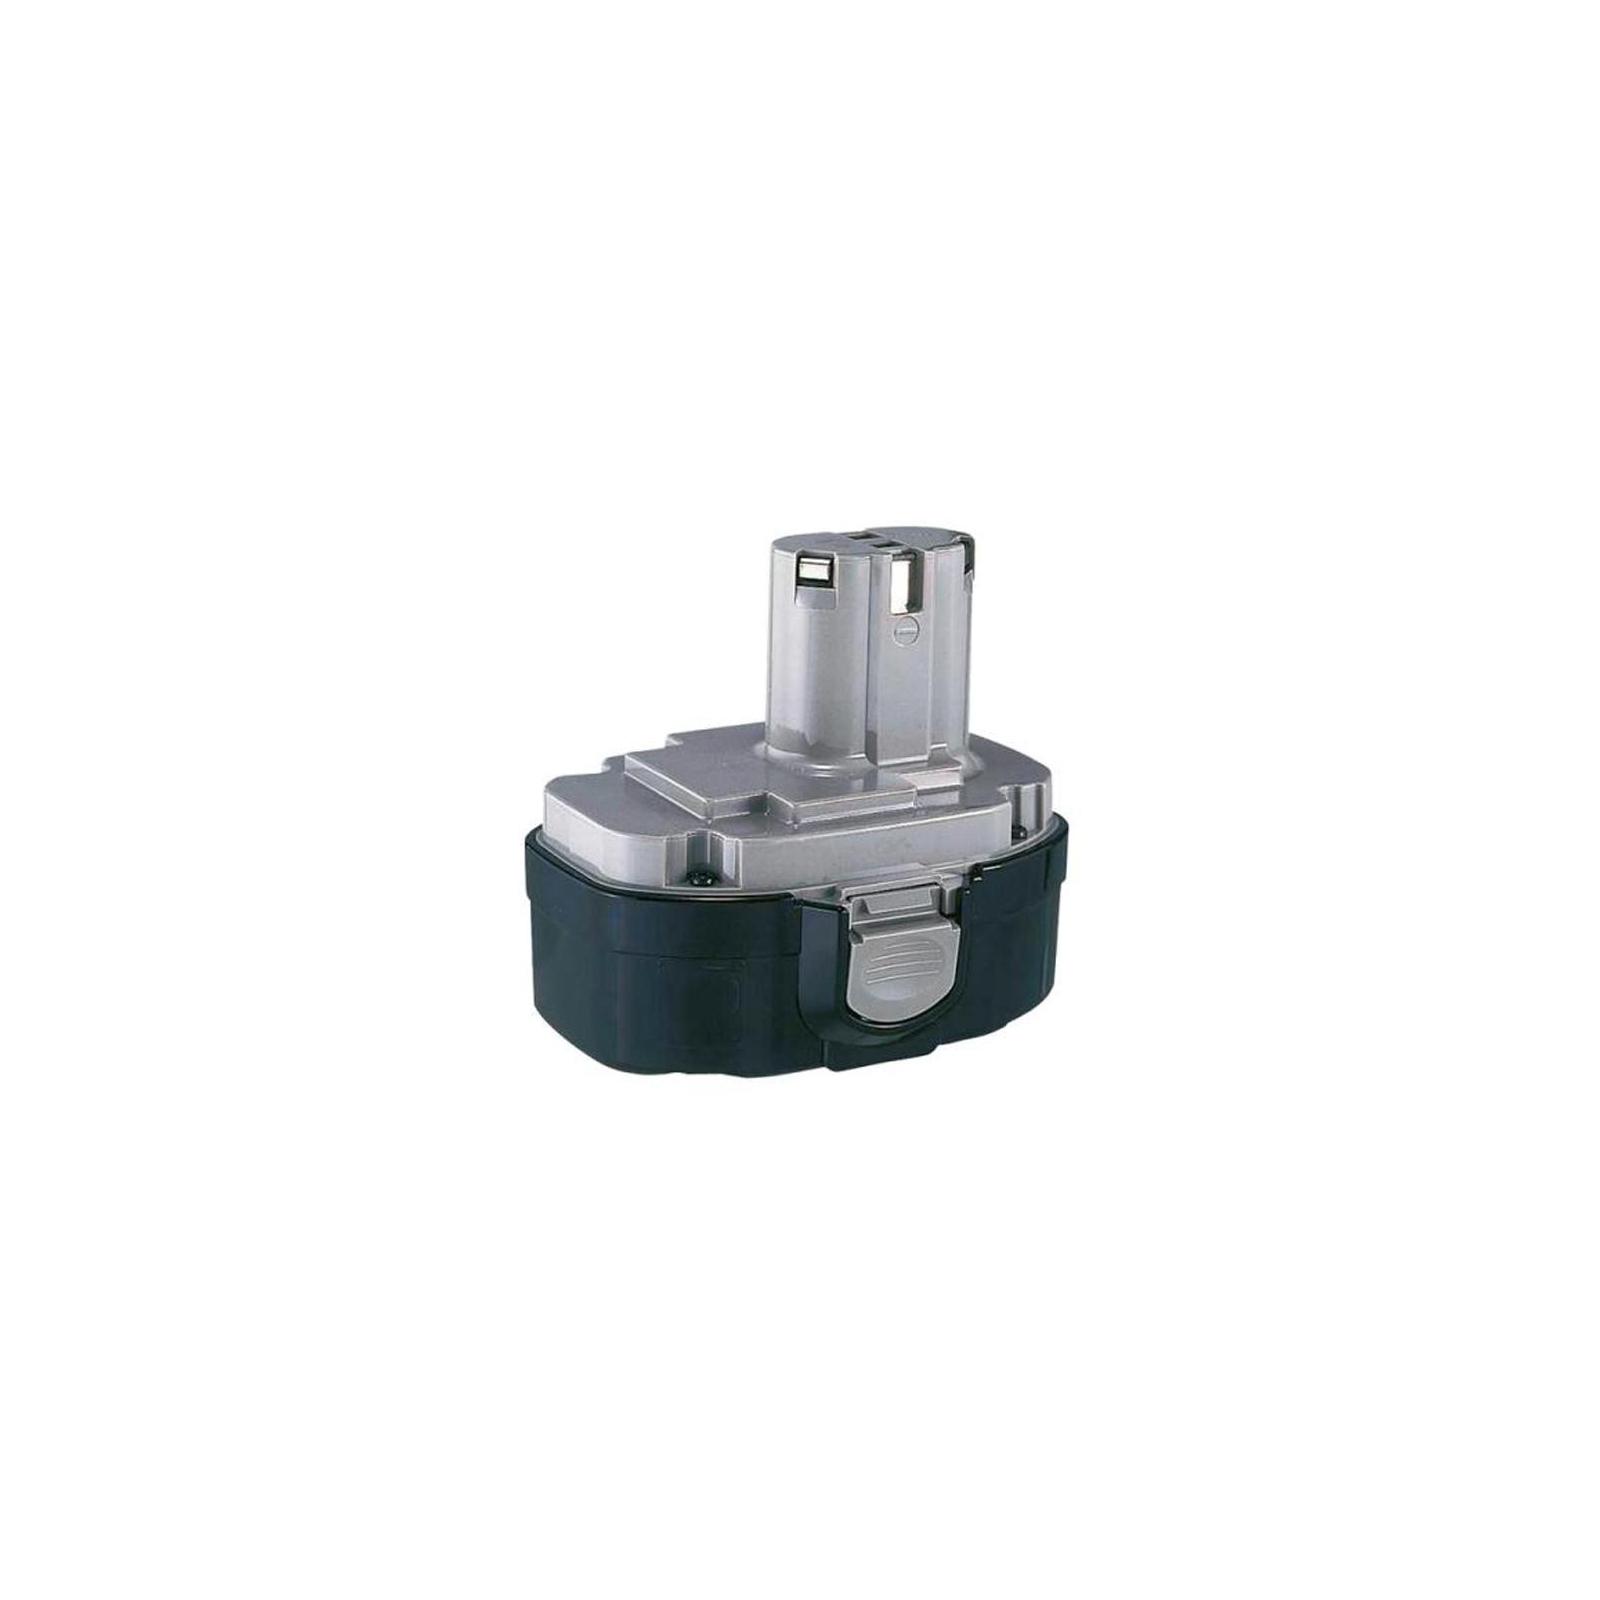 Аккумулятор к электроинструменту Makita Ni-MH 1834 18 В (193102-0)